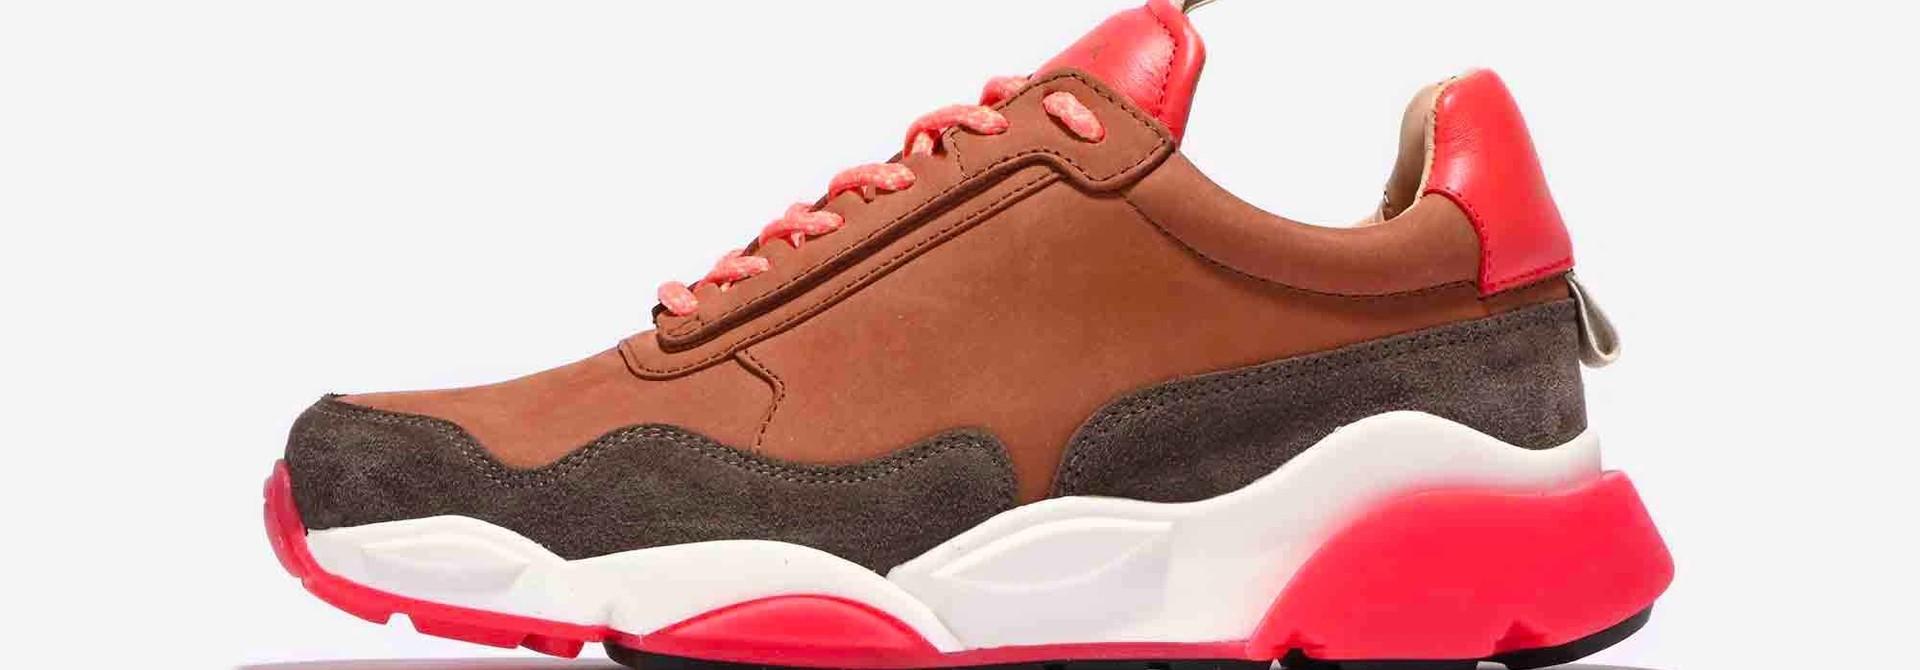 Sneaker zespa S4_126